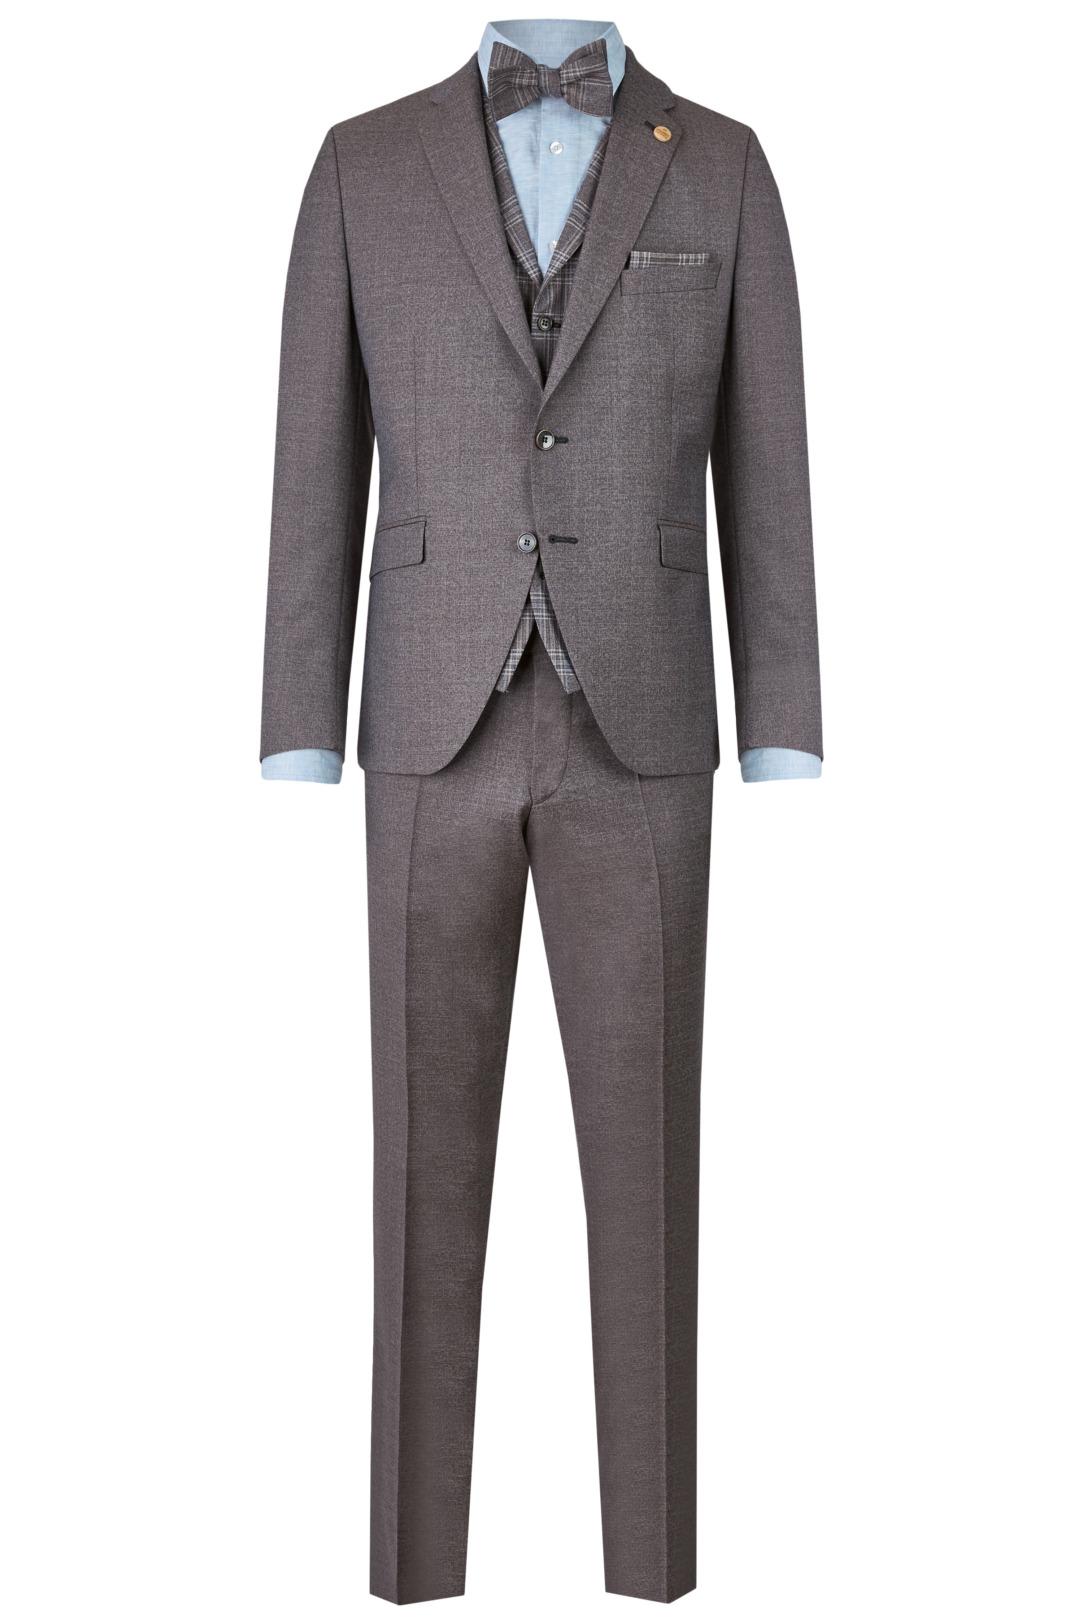 Wilvorst Green Wedding Hochzeitsanzug Männer Mode Bräutigam klassische Form vintage boho Stil rot braun wil_0121_otf_gw-look-5_1